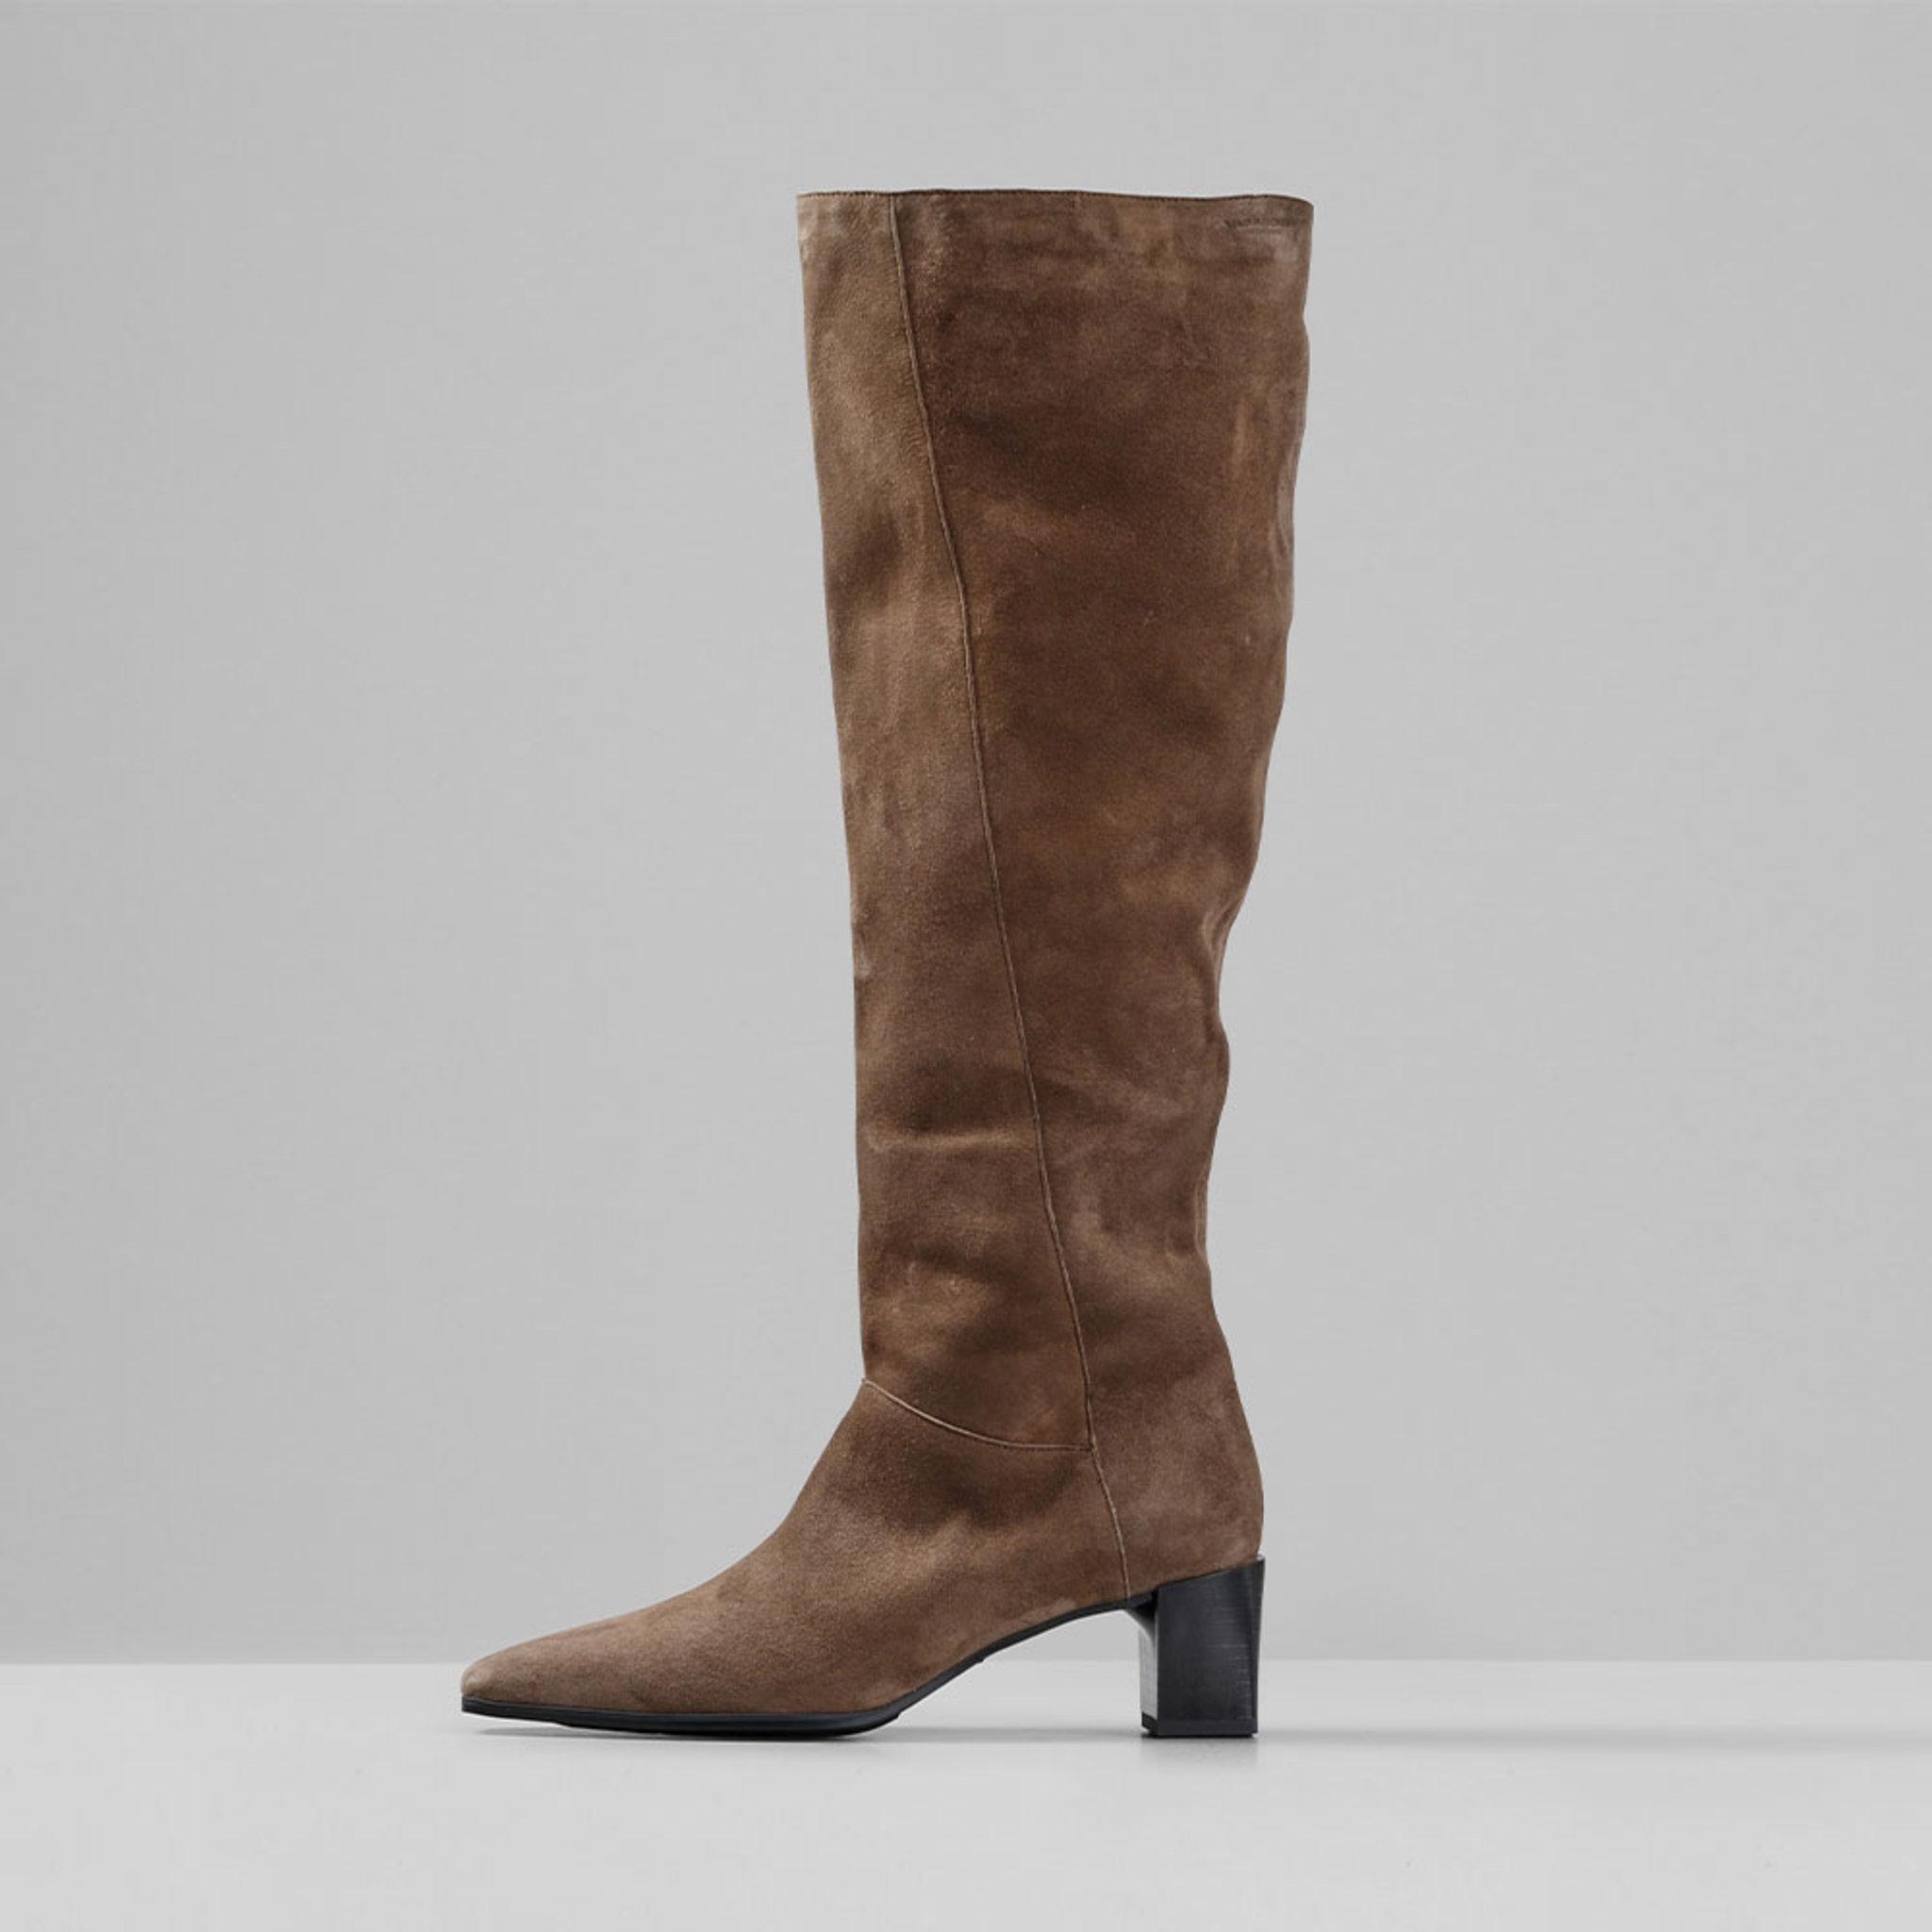 GABI Tall Boots with Heel